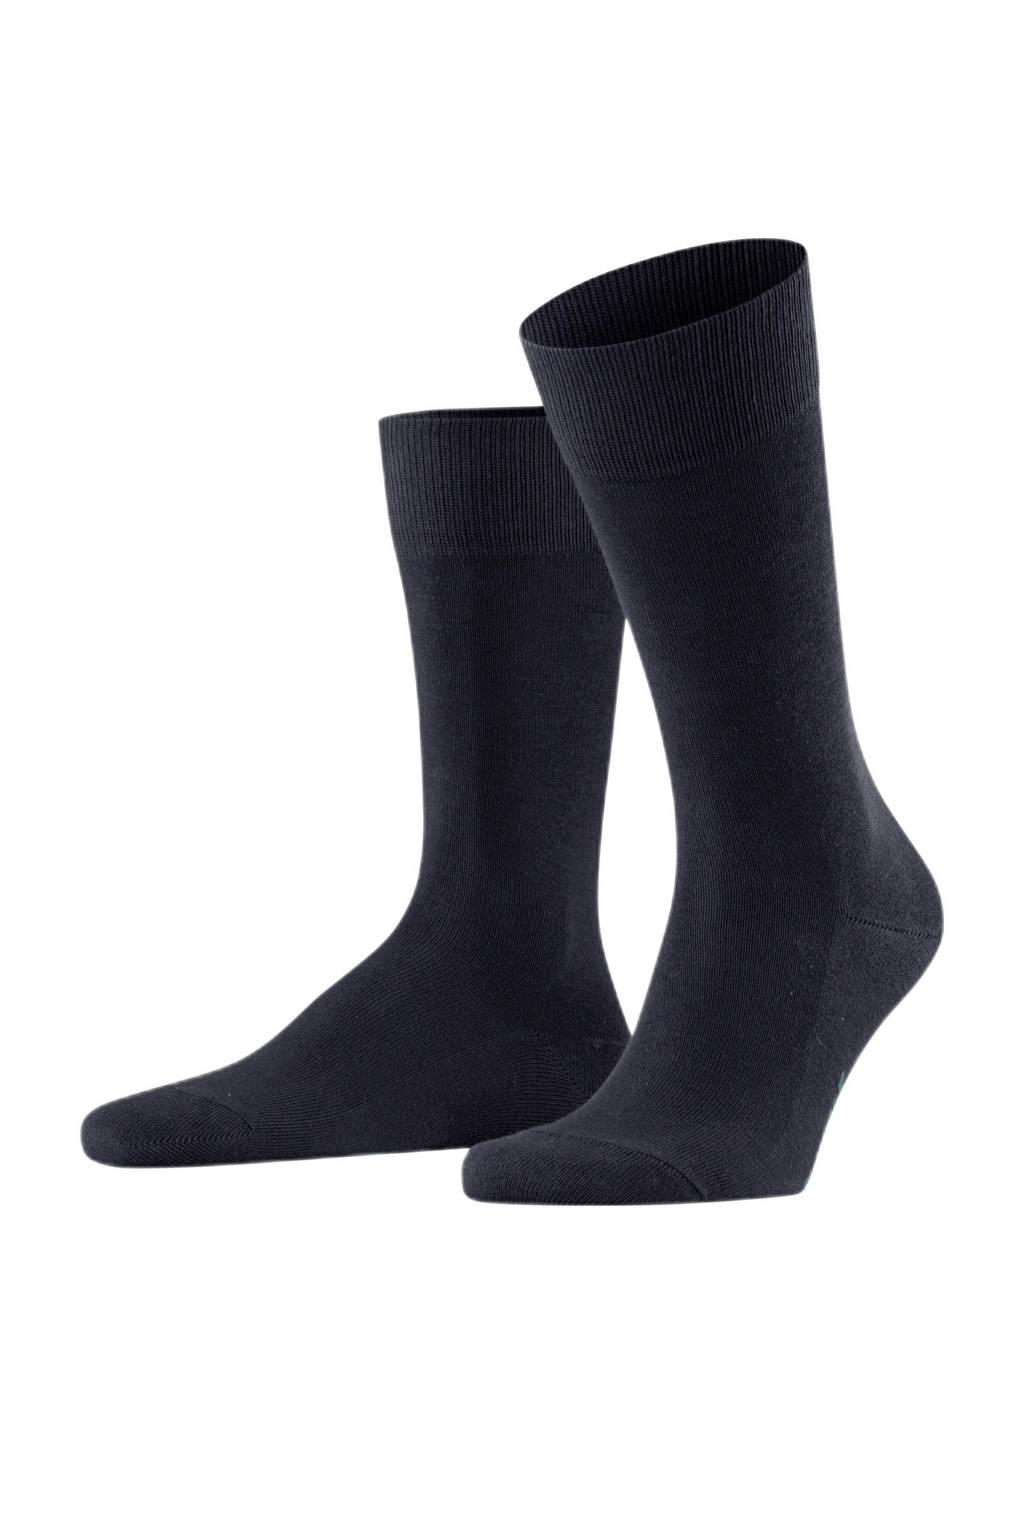 FALKE family sokken, Marine